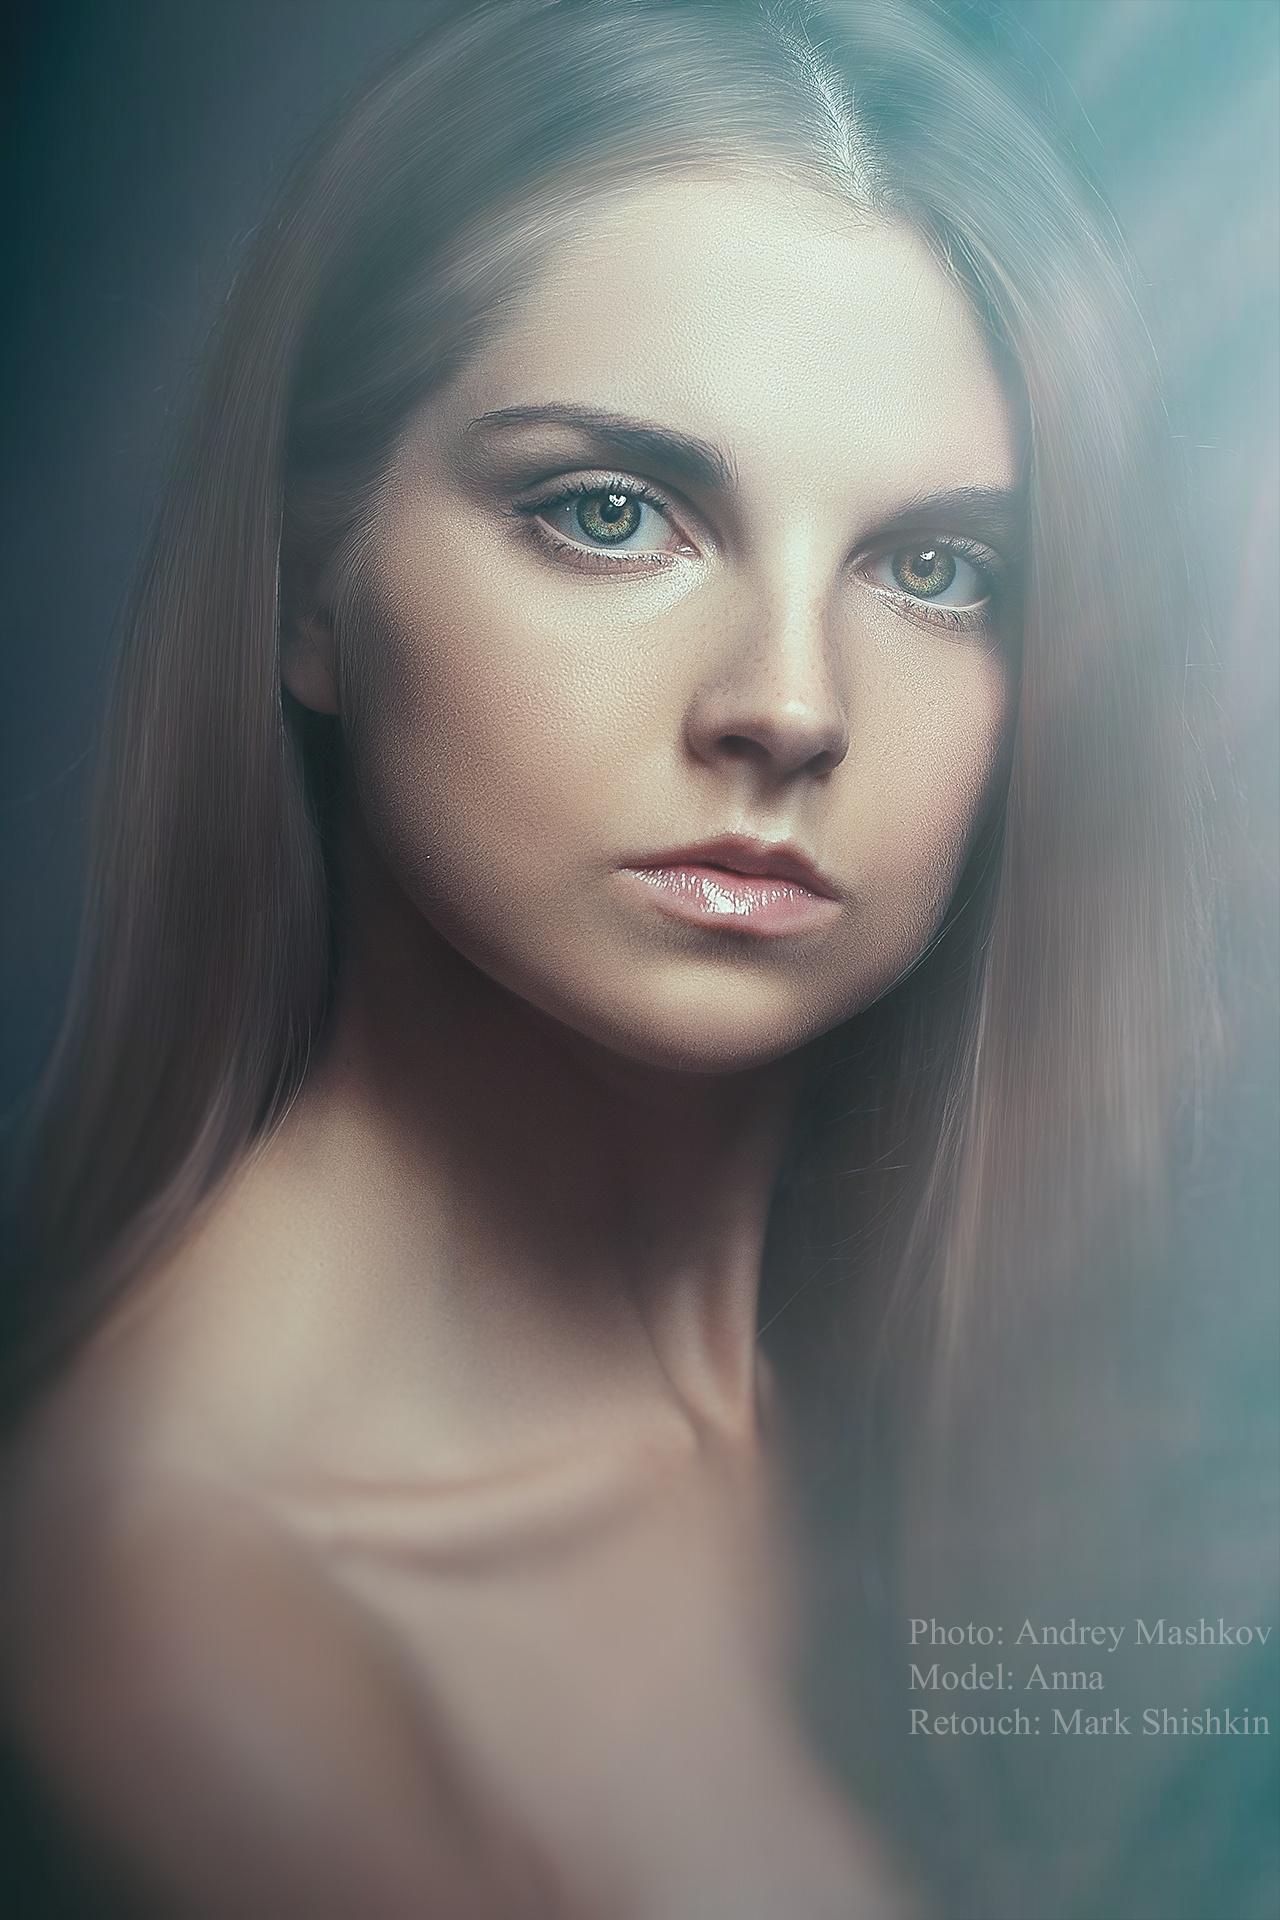 Anna by Mark Shishkin